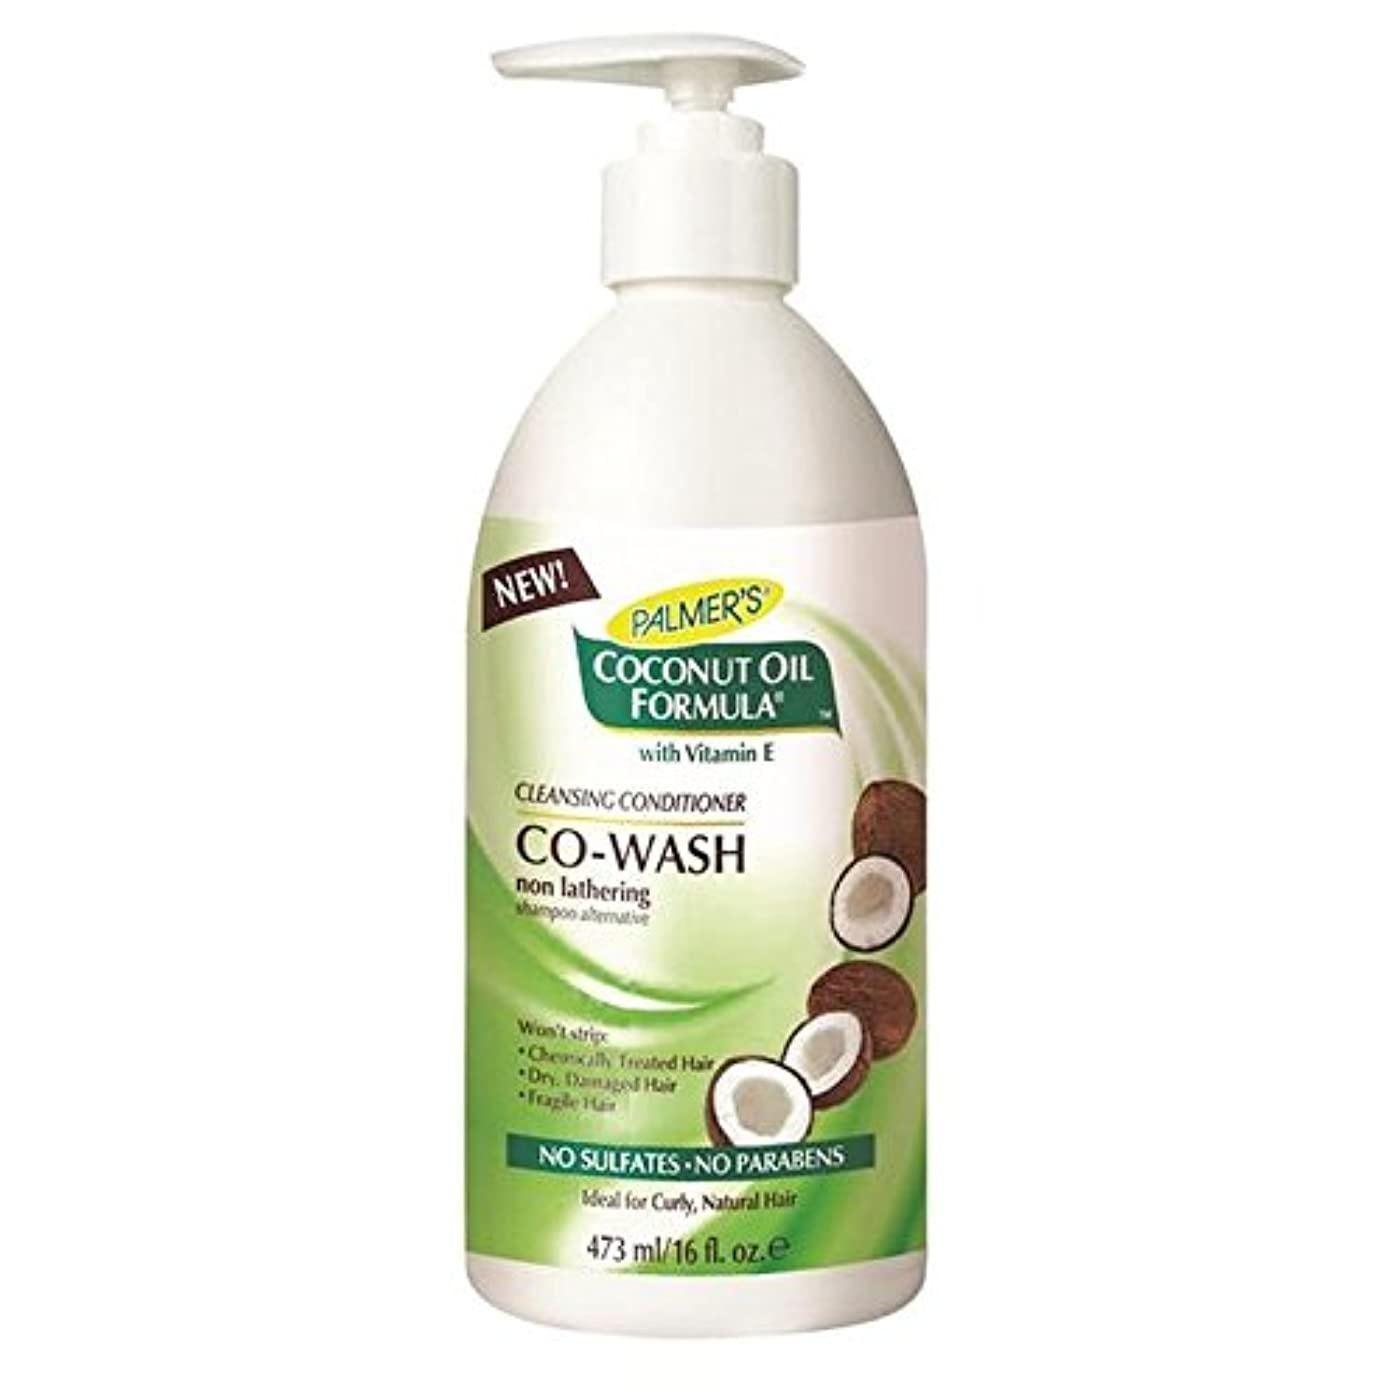 構成故意に経営者Palmer's Coconut Formula Co-Wash Cleansing Conditioner, Shampoo Alternative 473ml (Pack of 6) - パーマーのココナッツ式コウォッシュクレンジングコンディショナー、シャンプー代替473ミリリットル x6 [並行輸入品]